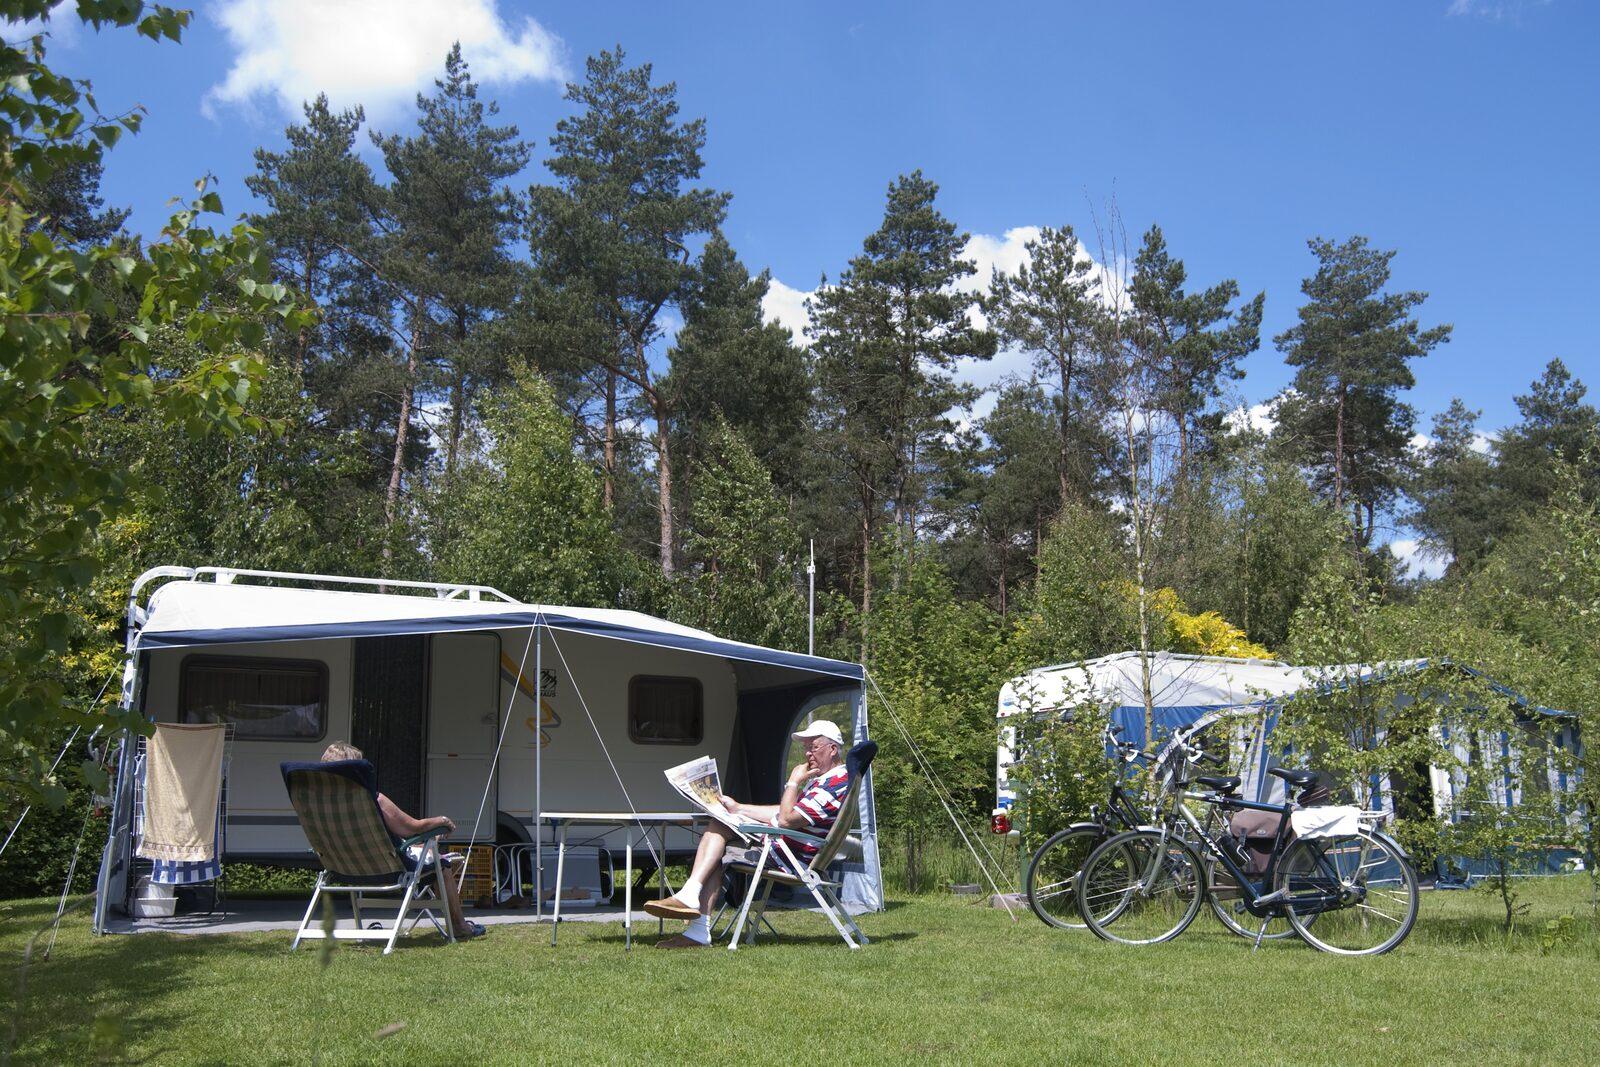 Camping-pakete